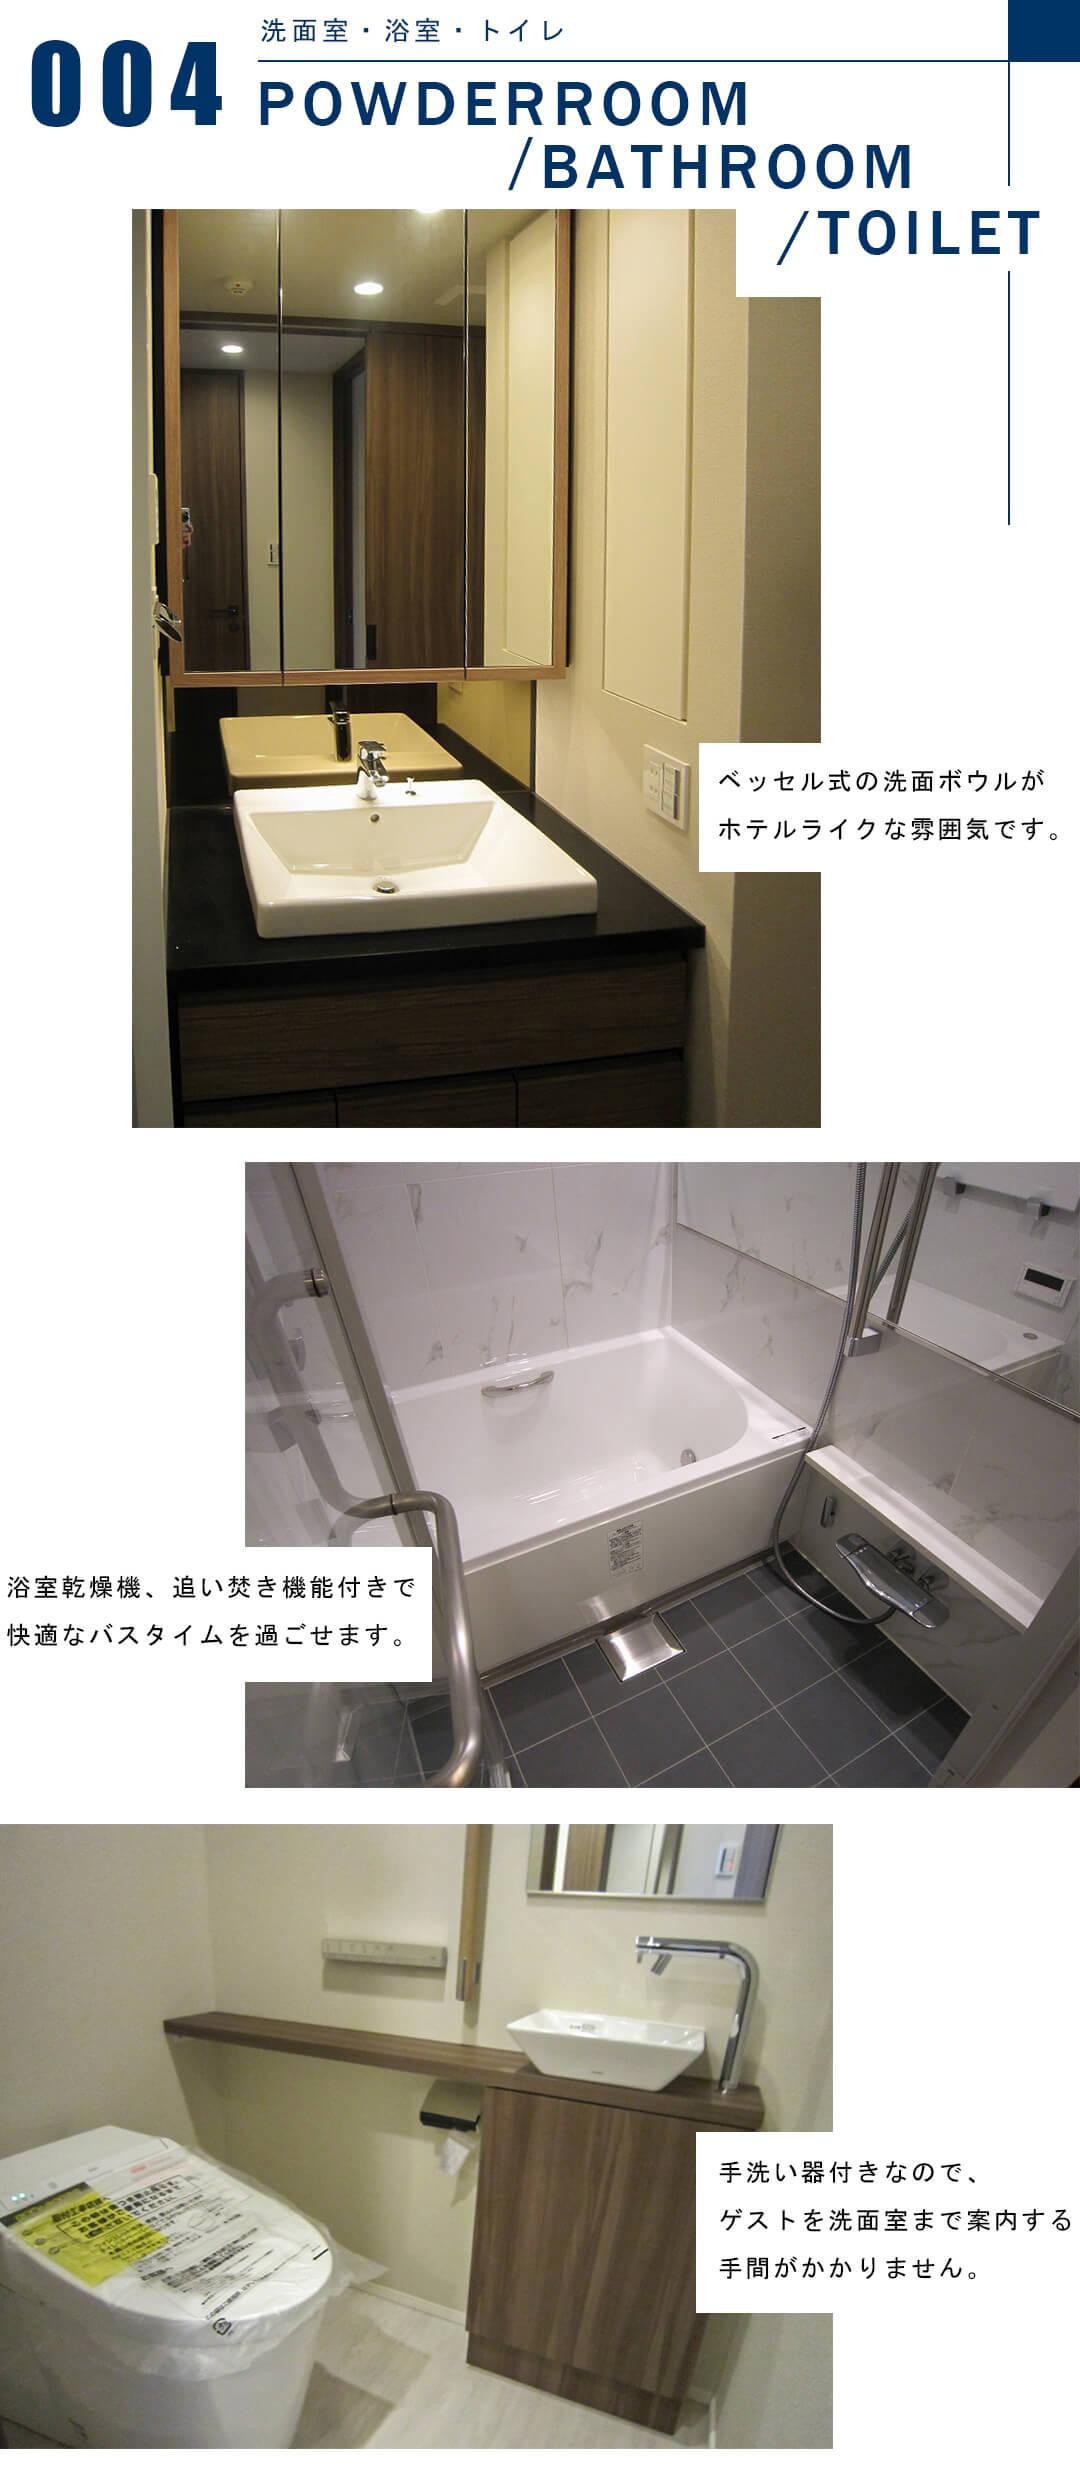 宮益坂ビルディング ザ・渋谷レジデンスの洗面室と浴室とトイレ